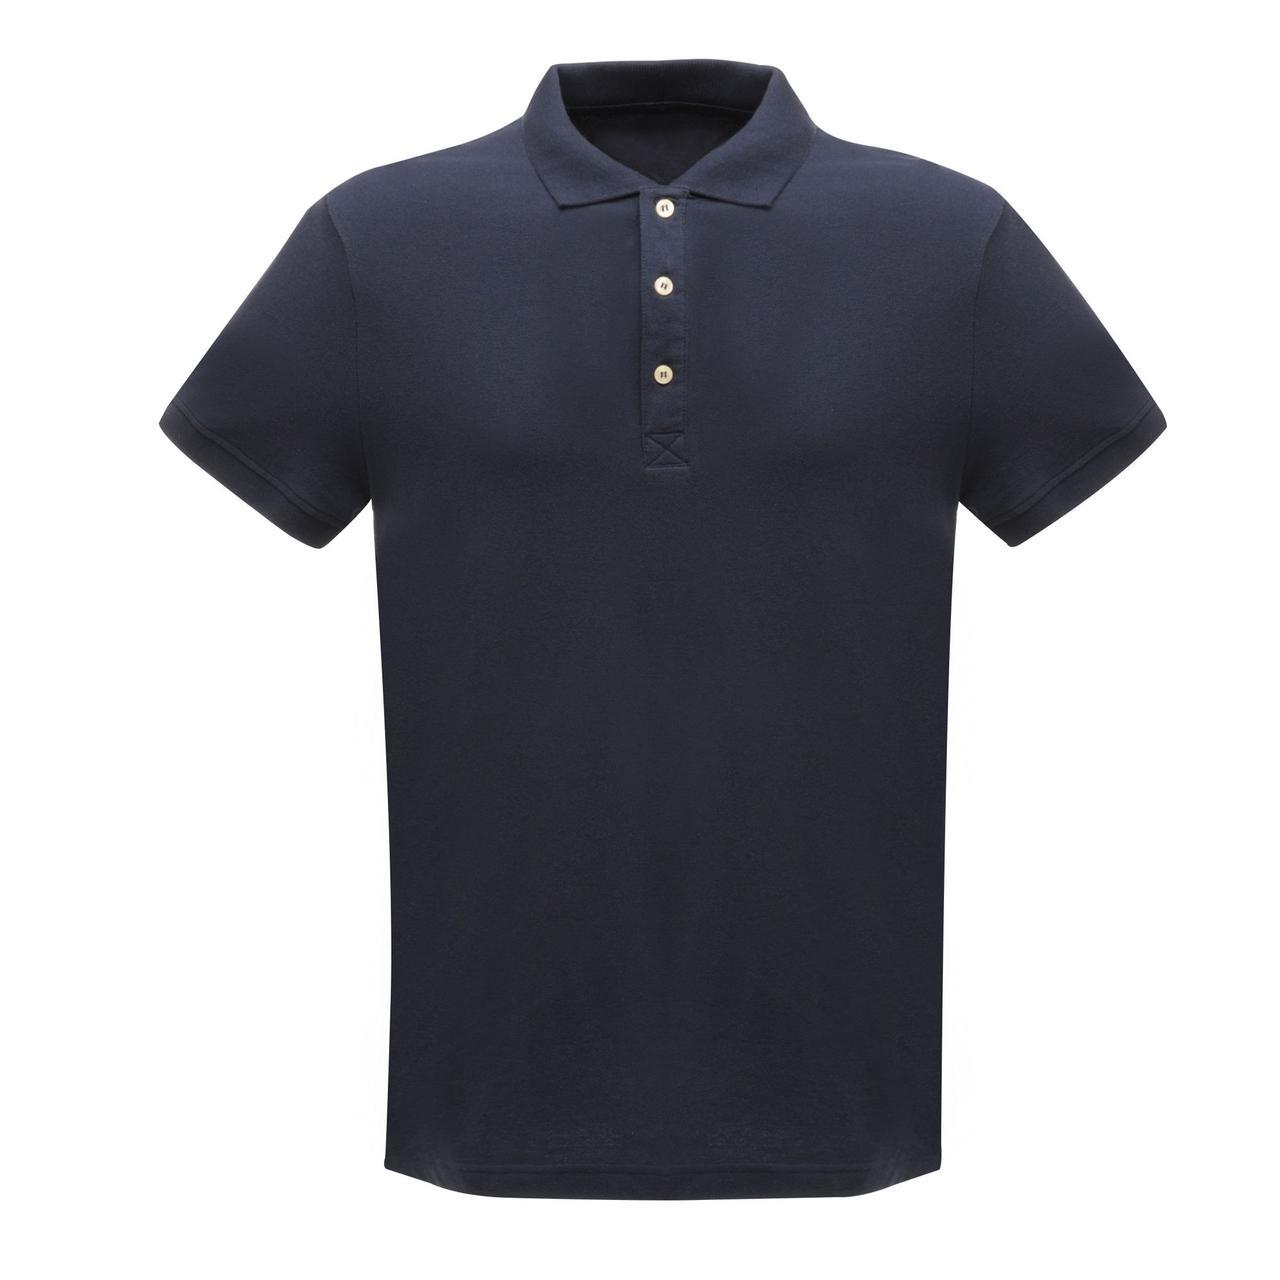 Поло Regatta Cls Cotton Polo M темно-синий (TRS145_540_M)